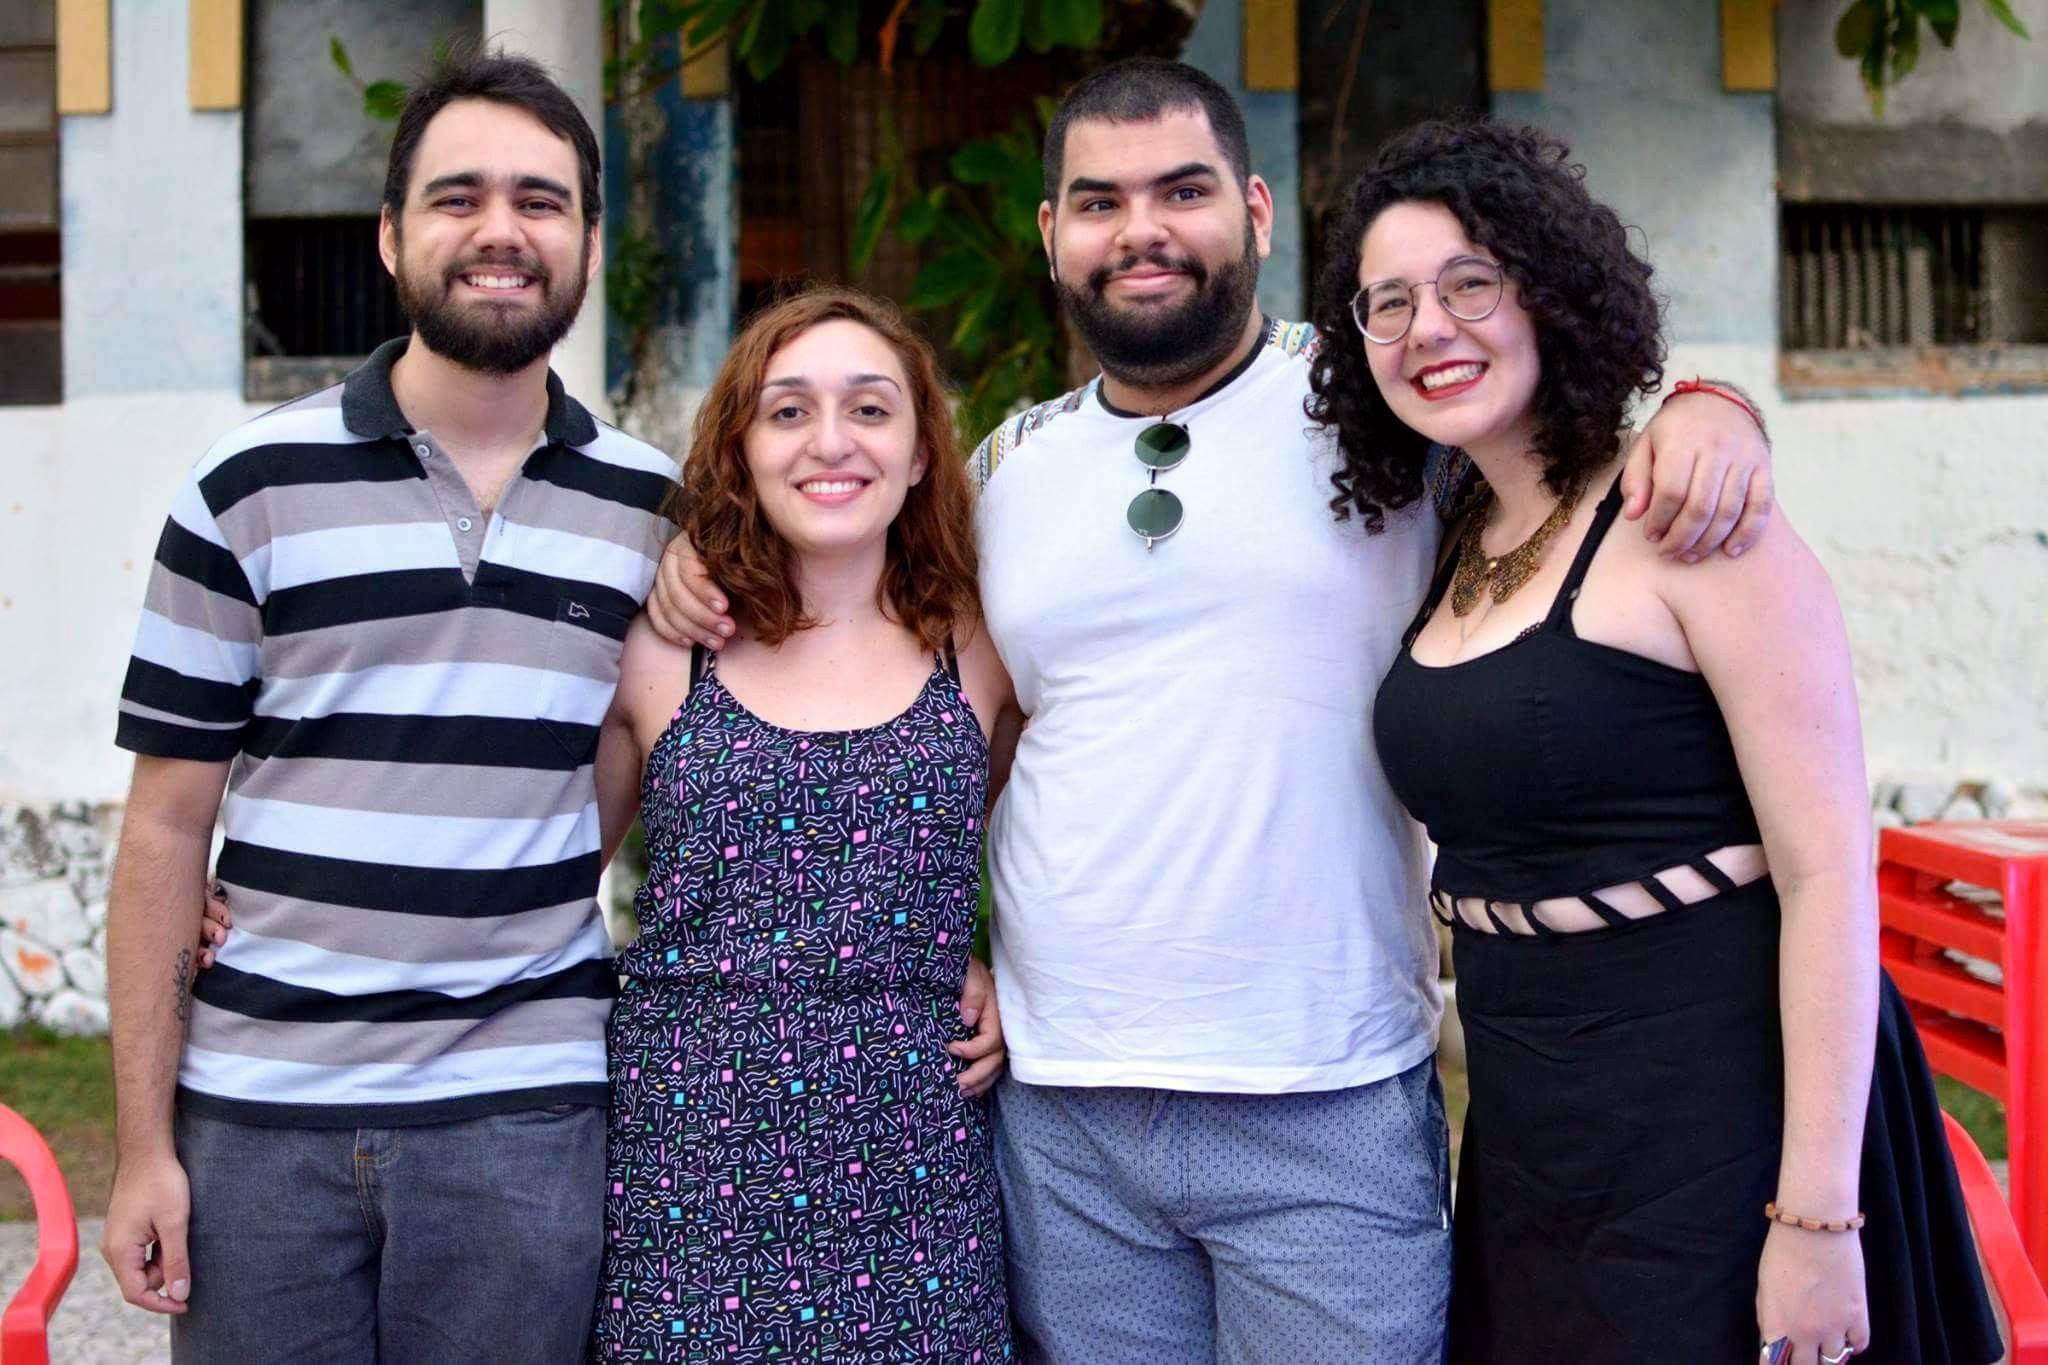 Márcio Moreira, Débora Santos, Talles Rodrigues e Brendda Lima, as sereias e os tritões da Netuno Press, como se denominam (IMAGEM: Reprodução / Facebook Netuno Press).